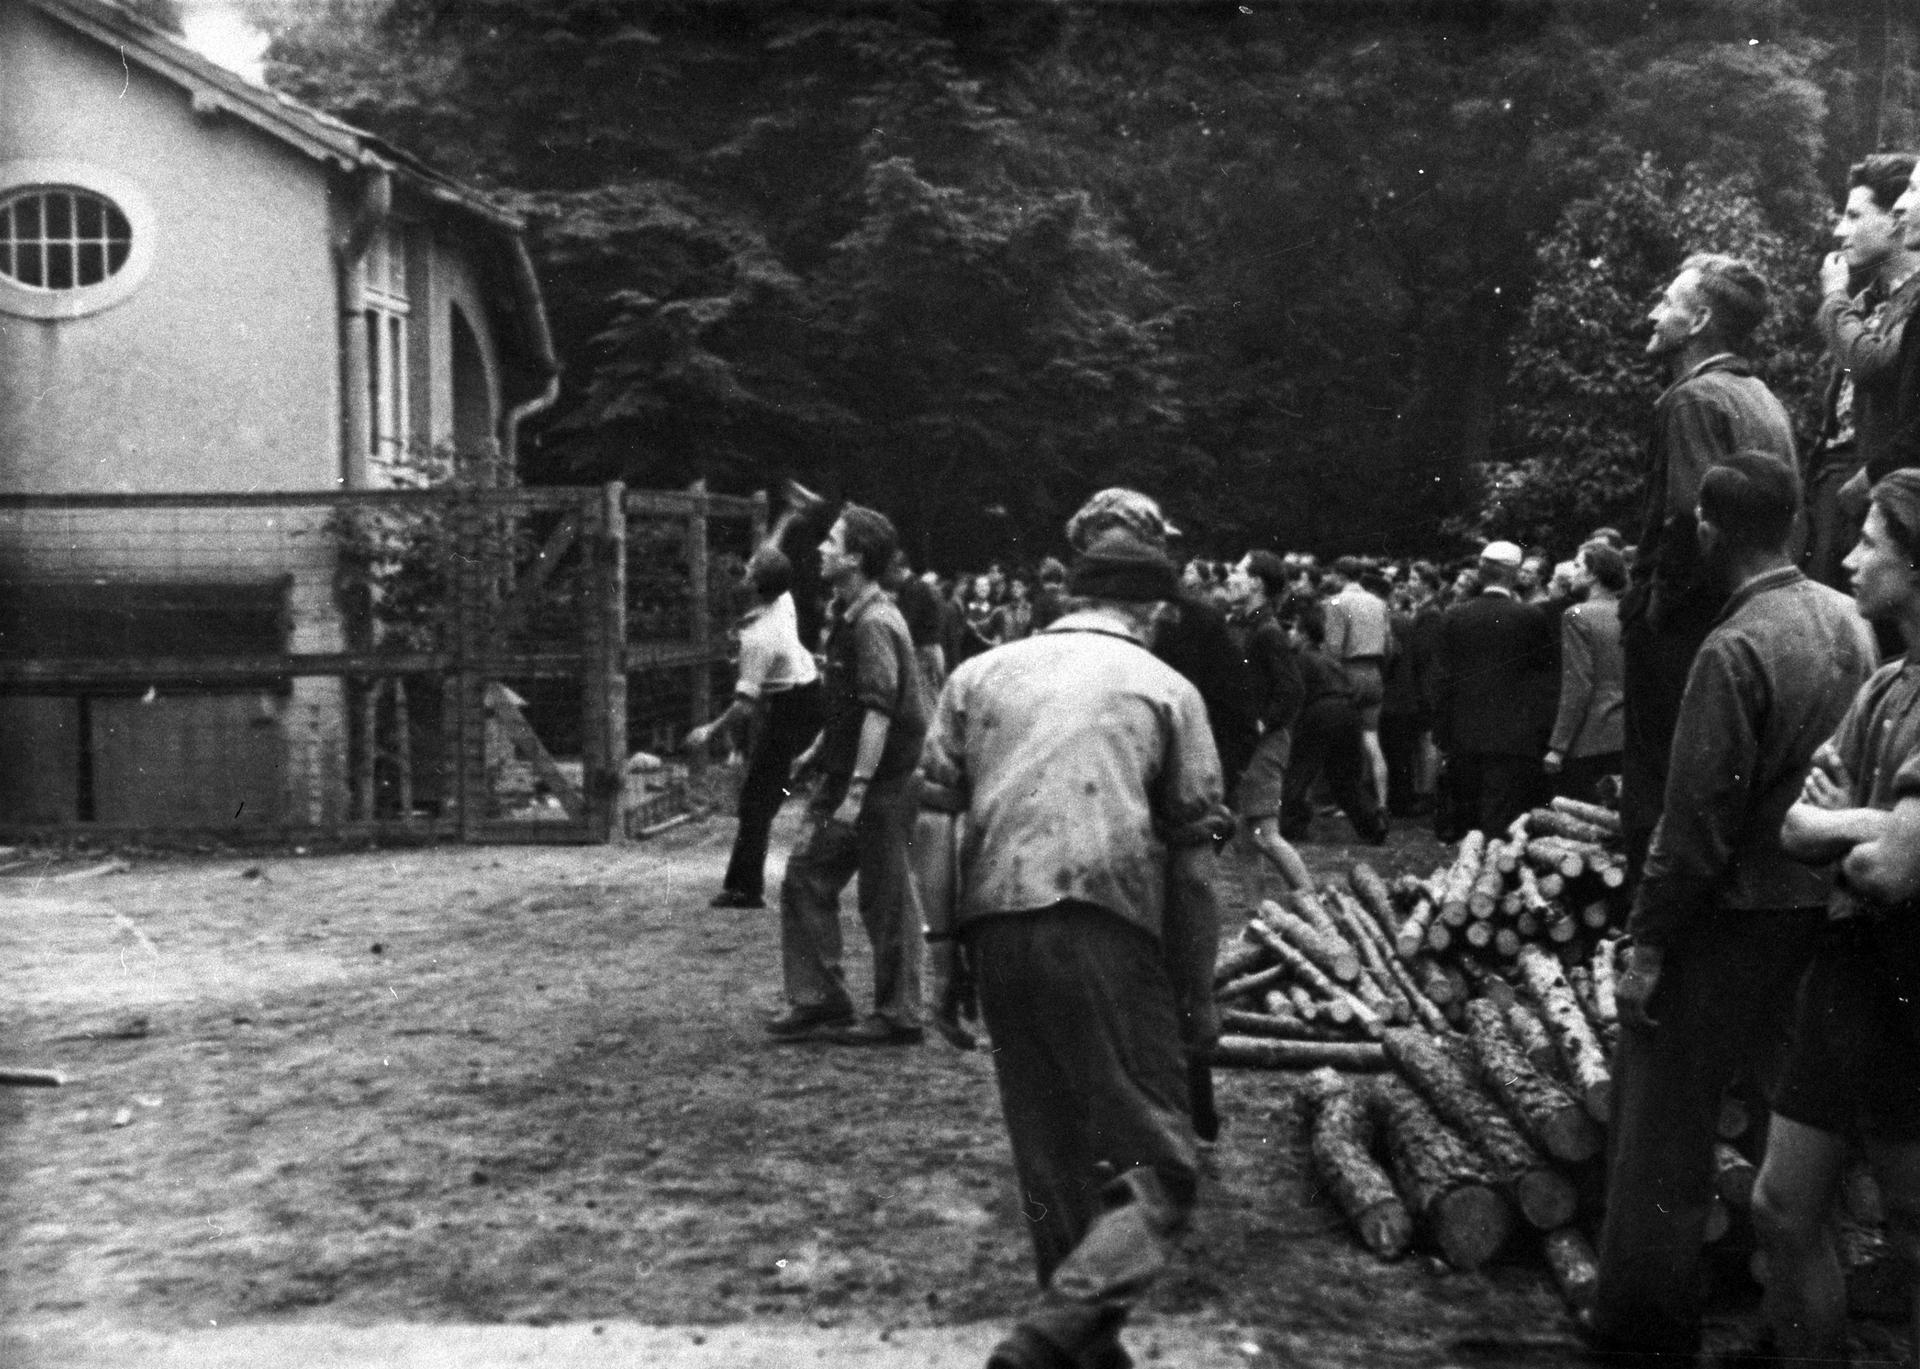 Stürmung der Kreisdienststelle der Staatssicherheit in Niesky am 17. Juni 1953. Auf dem Schwarz-Weiß-Bild sieht man eine Gruppe von Menschen, die sich vor einem umzäunten Haus versammelt hat. Im Vordergrund stehen junge Männer, die ihren Blick auf das Gebäude richten. Neben ihnen liegt ein kleiner Haufen Holzscheite. Einer der Männer wirft einen Stein.